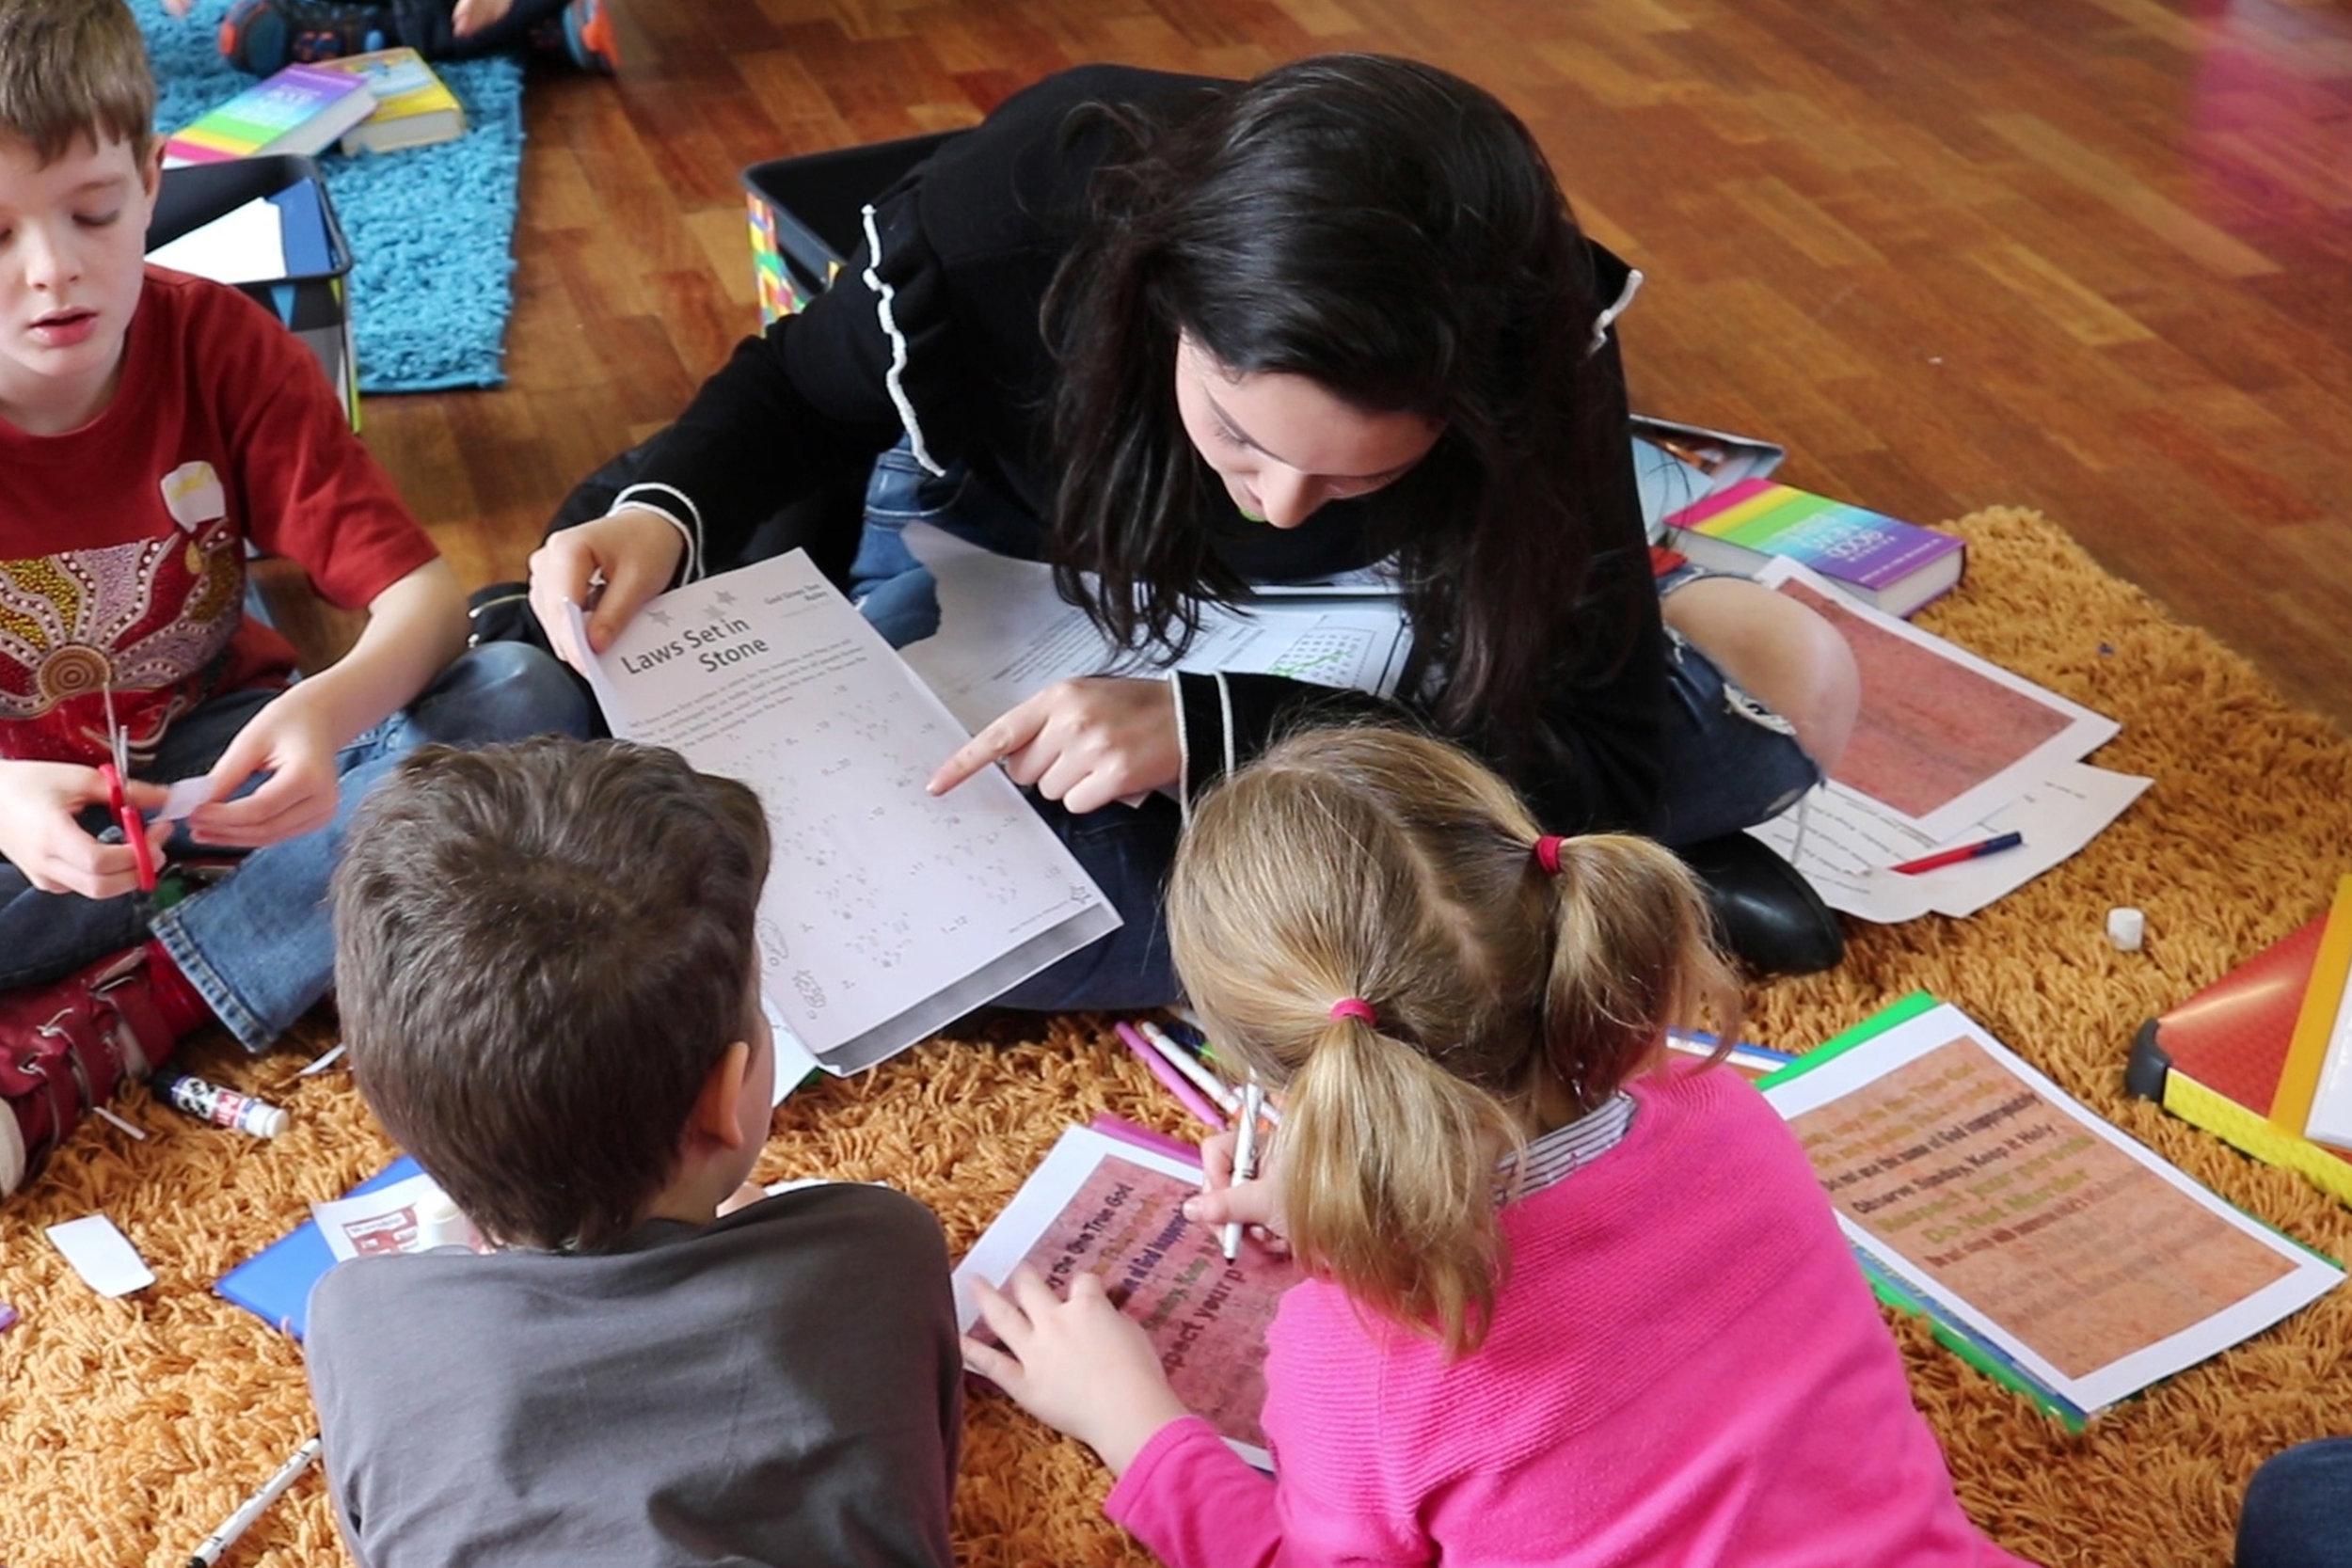 st-johns-harborne-children-learning-web.jpg